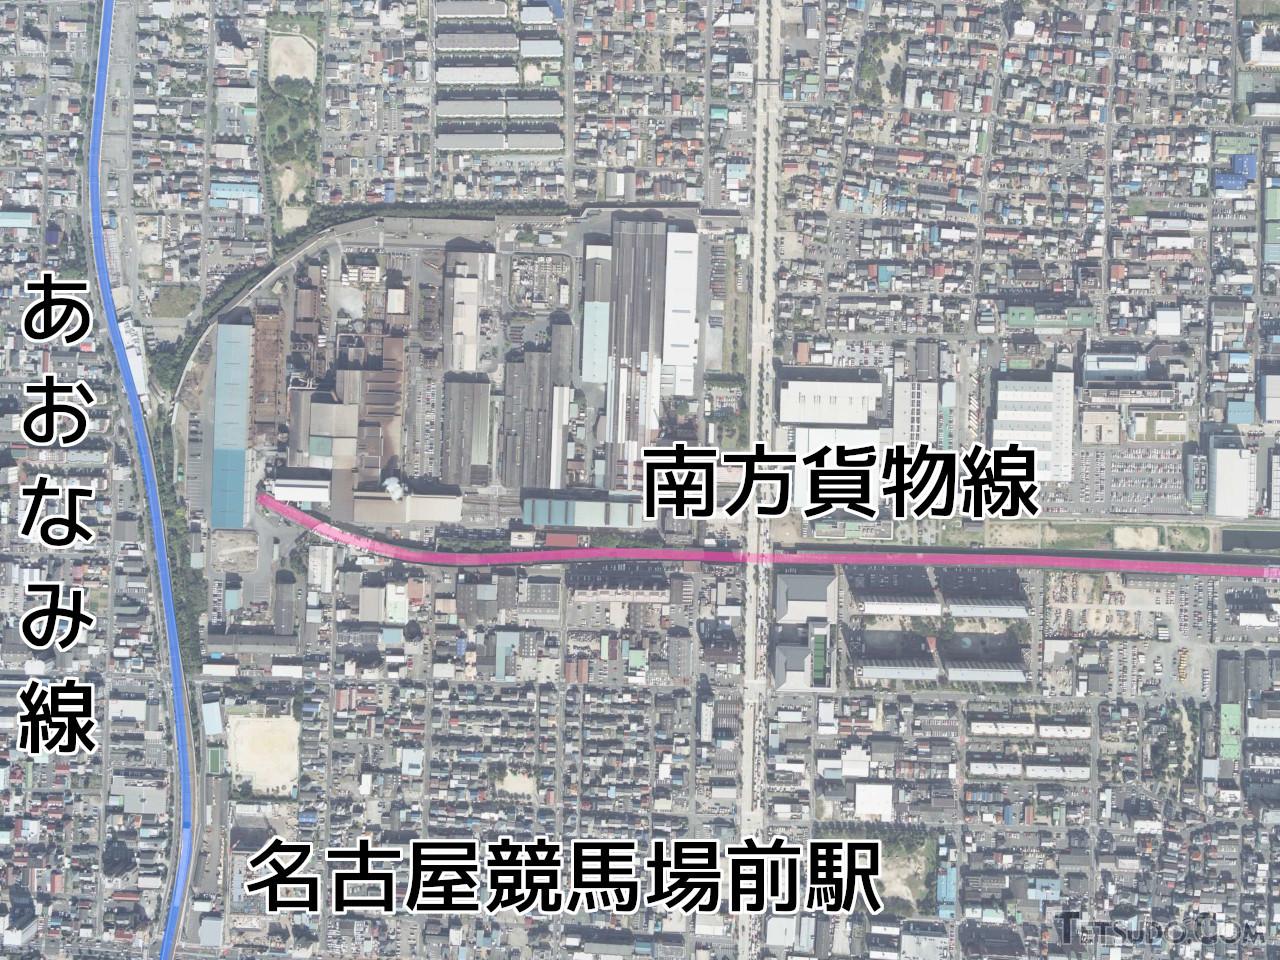 現在のあおなみ線(青)から分岐する計画だった南方貨物線(赤)(国土地理院の空中写真(2007年撮影)に加筆)